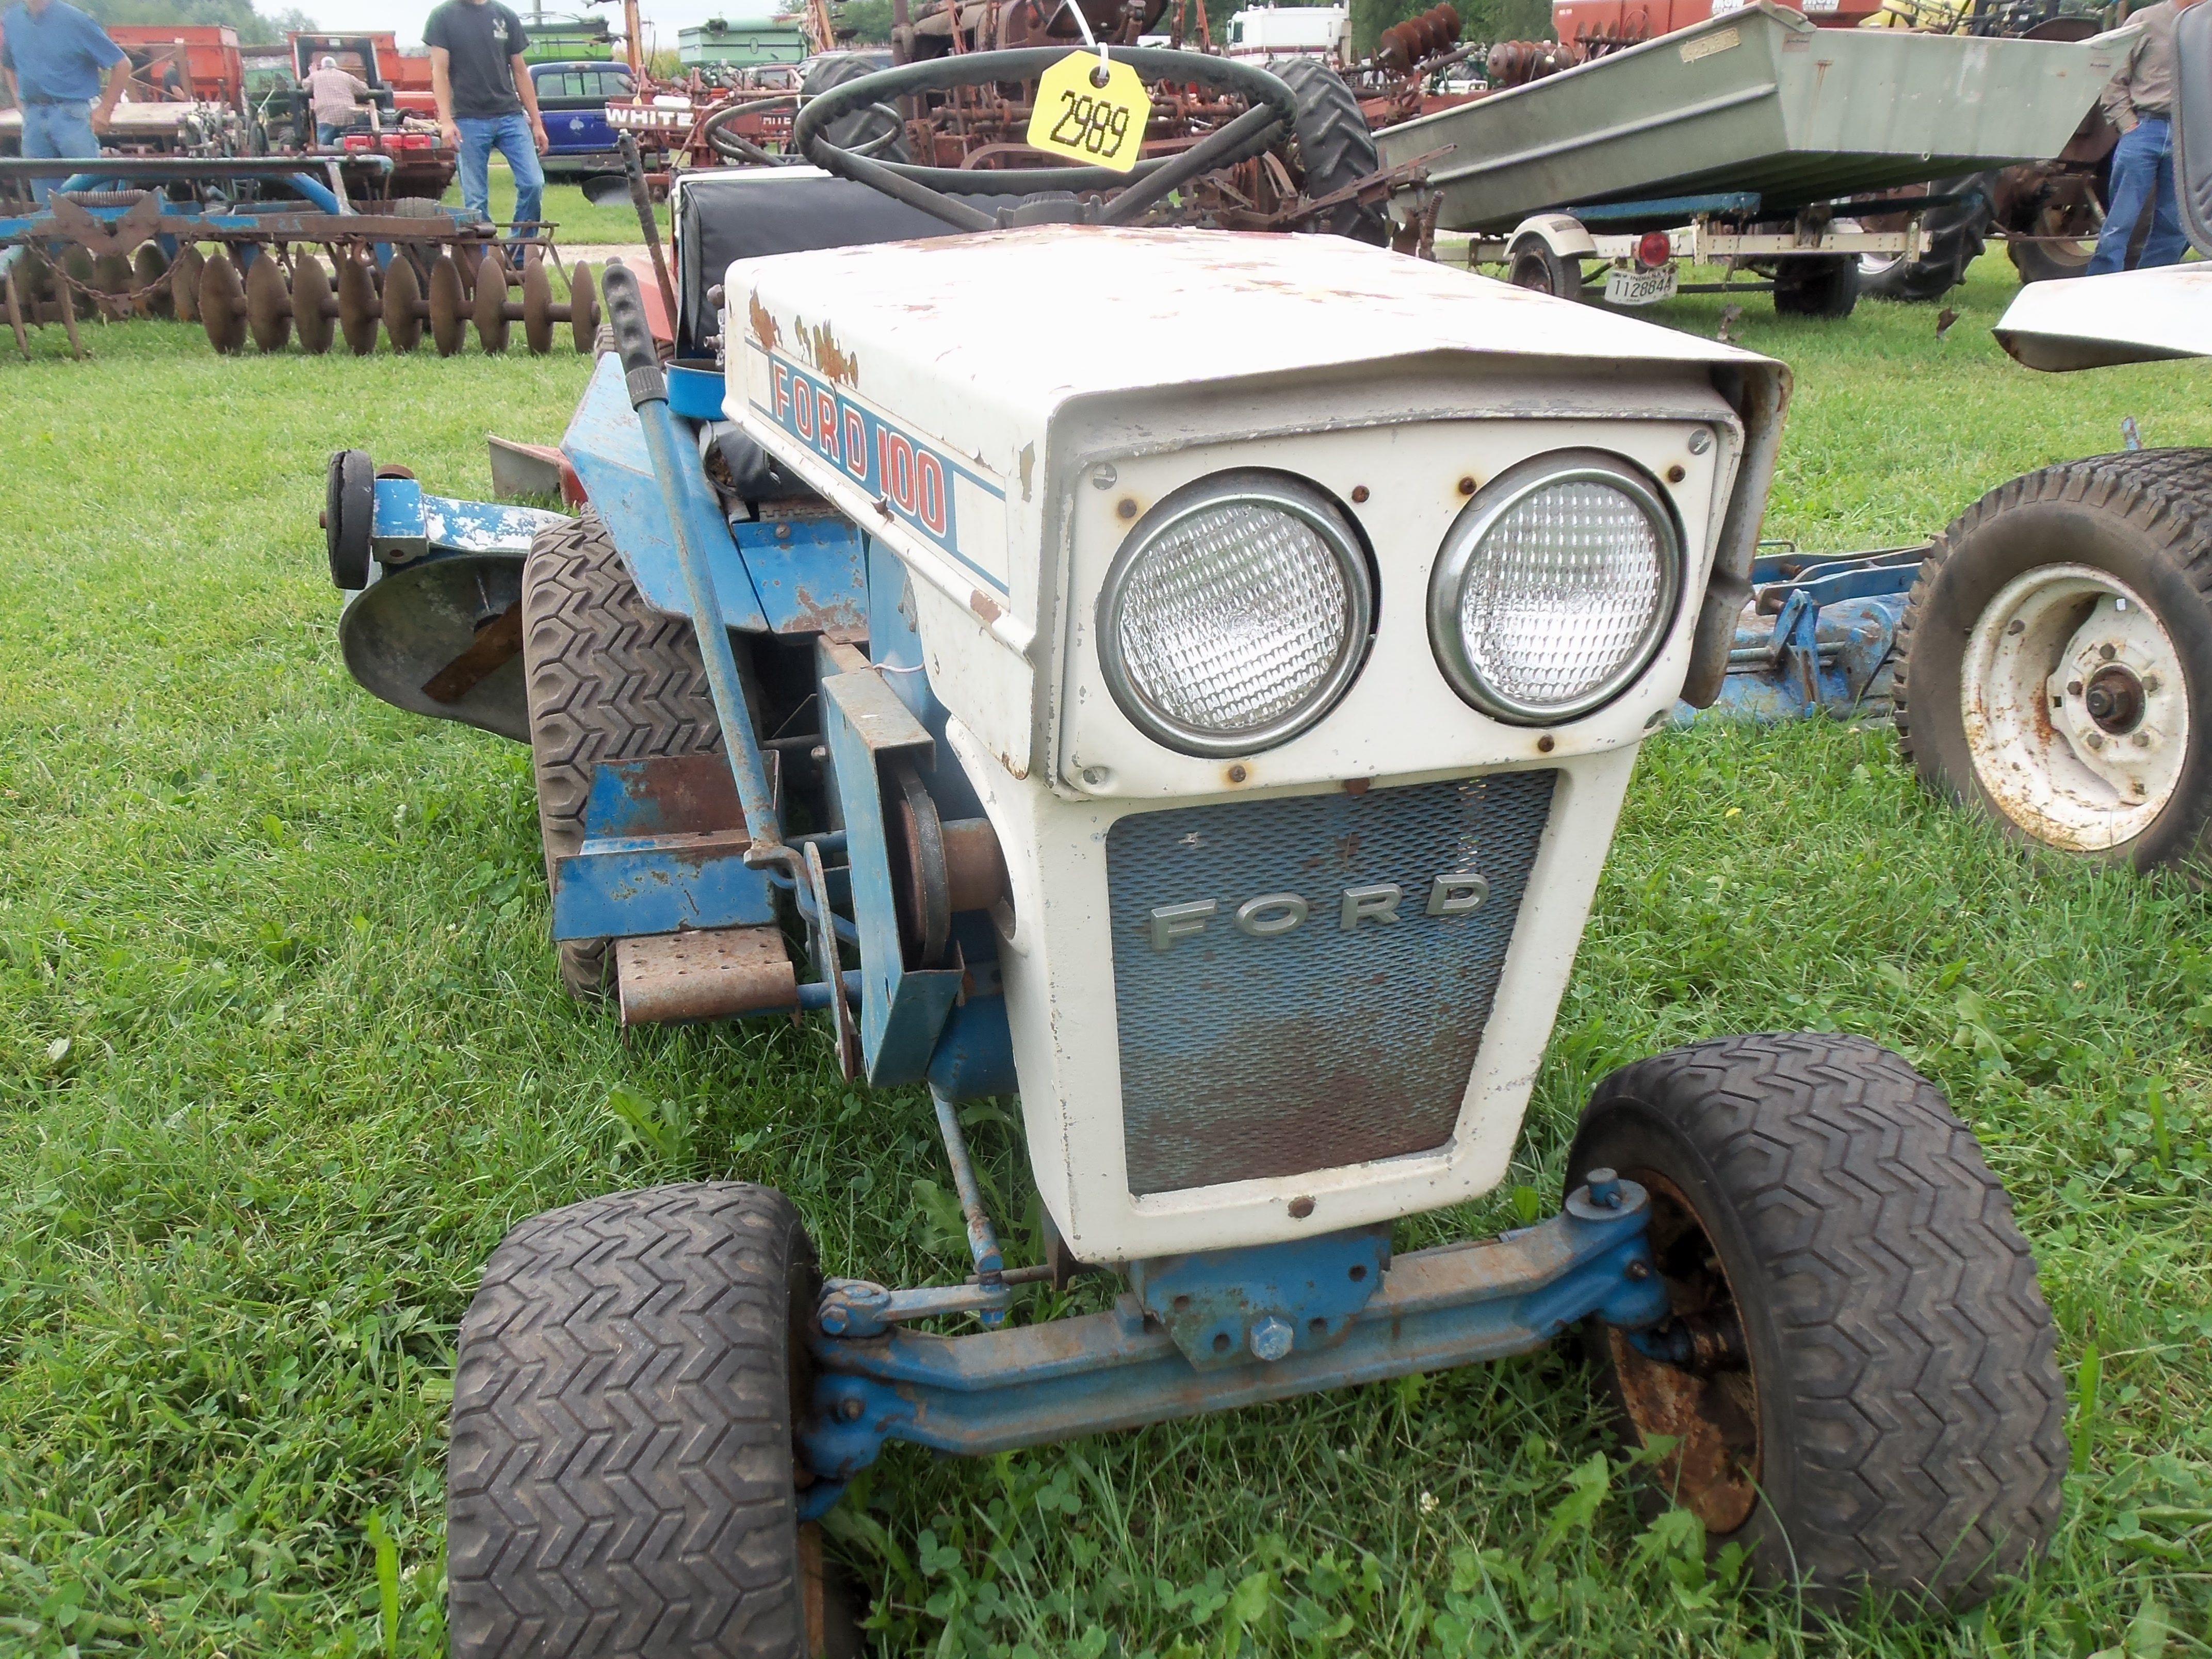 Ford 100 Lawn Garden Tractor Vintage Tractors Tractors Lawn Tractor